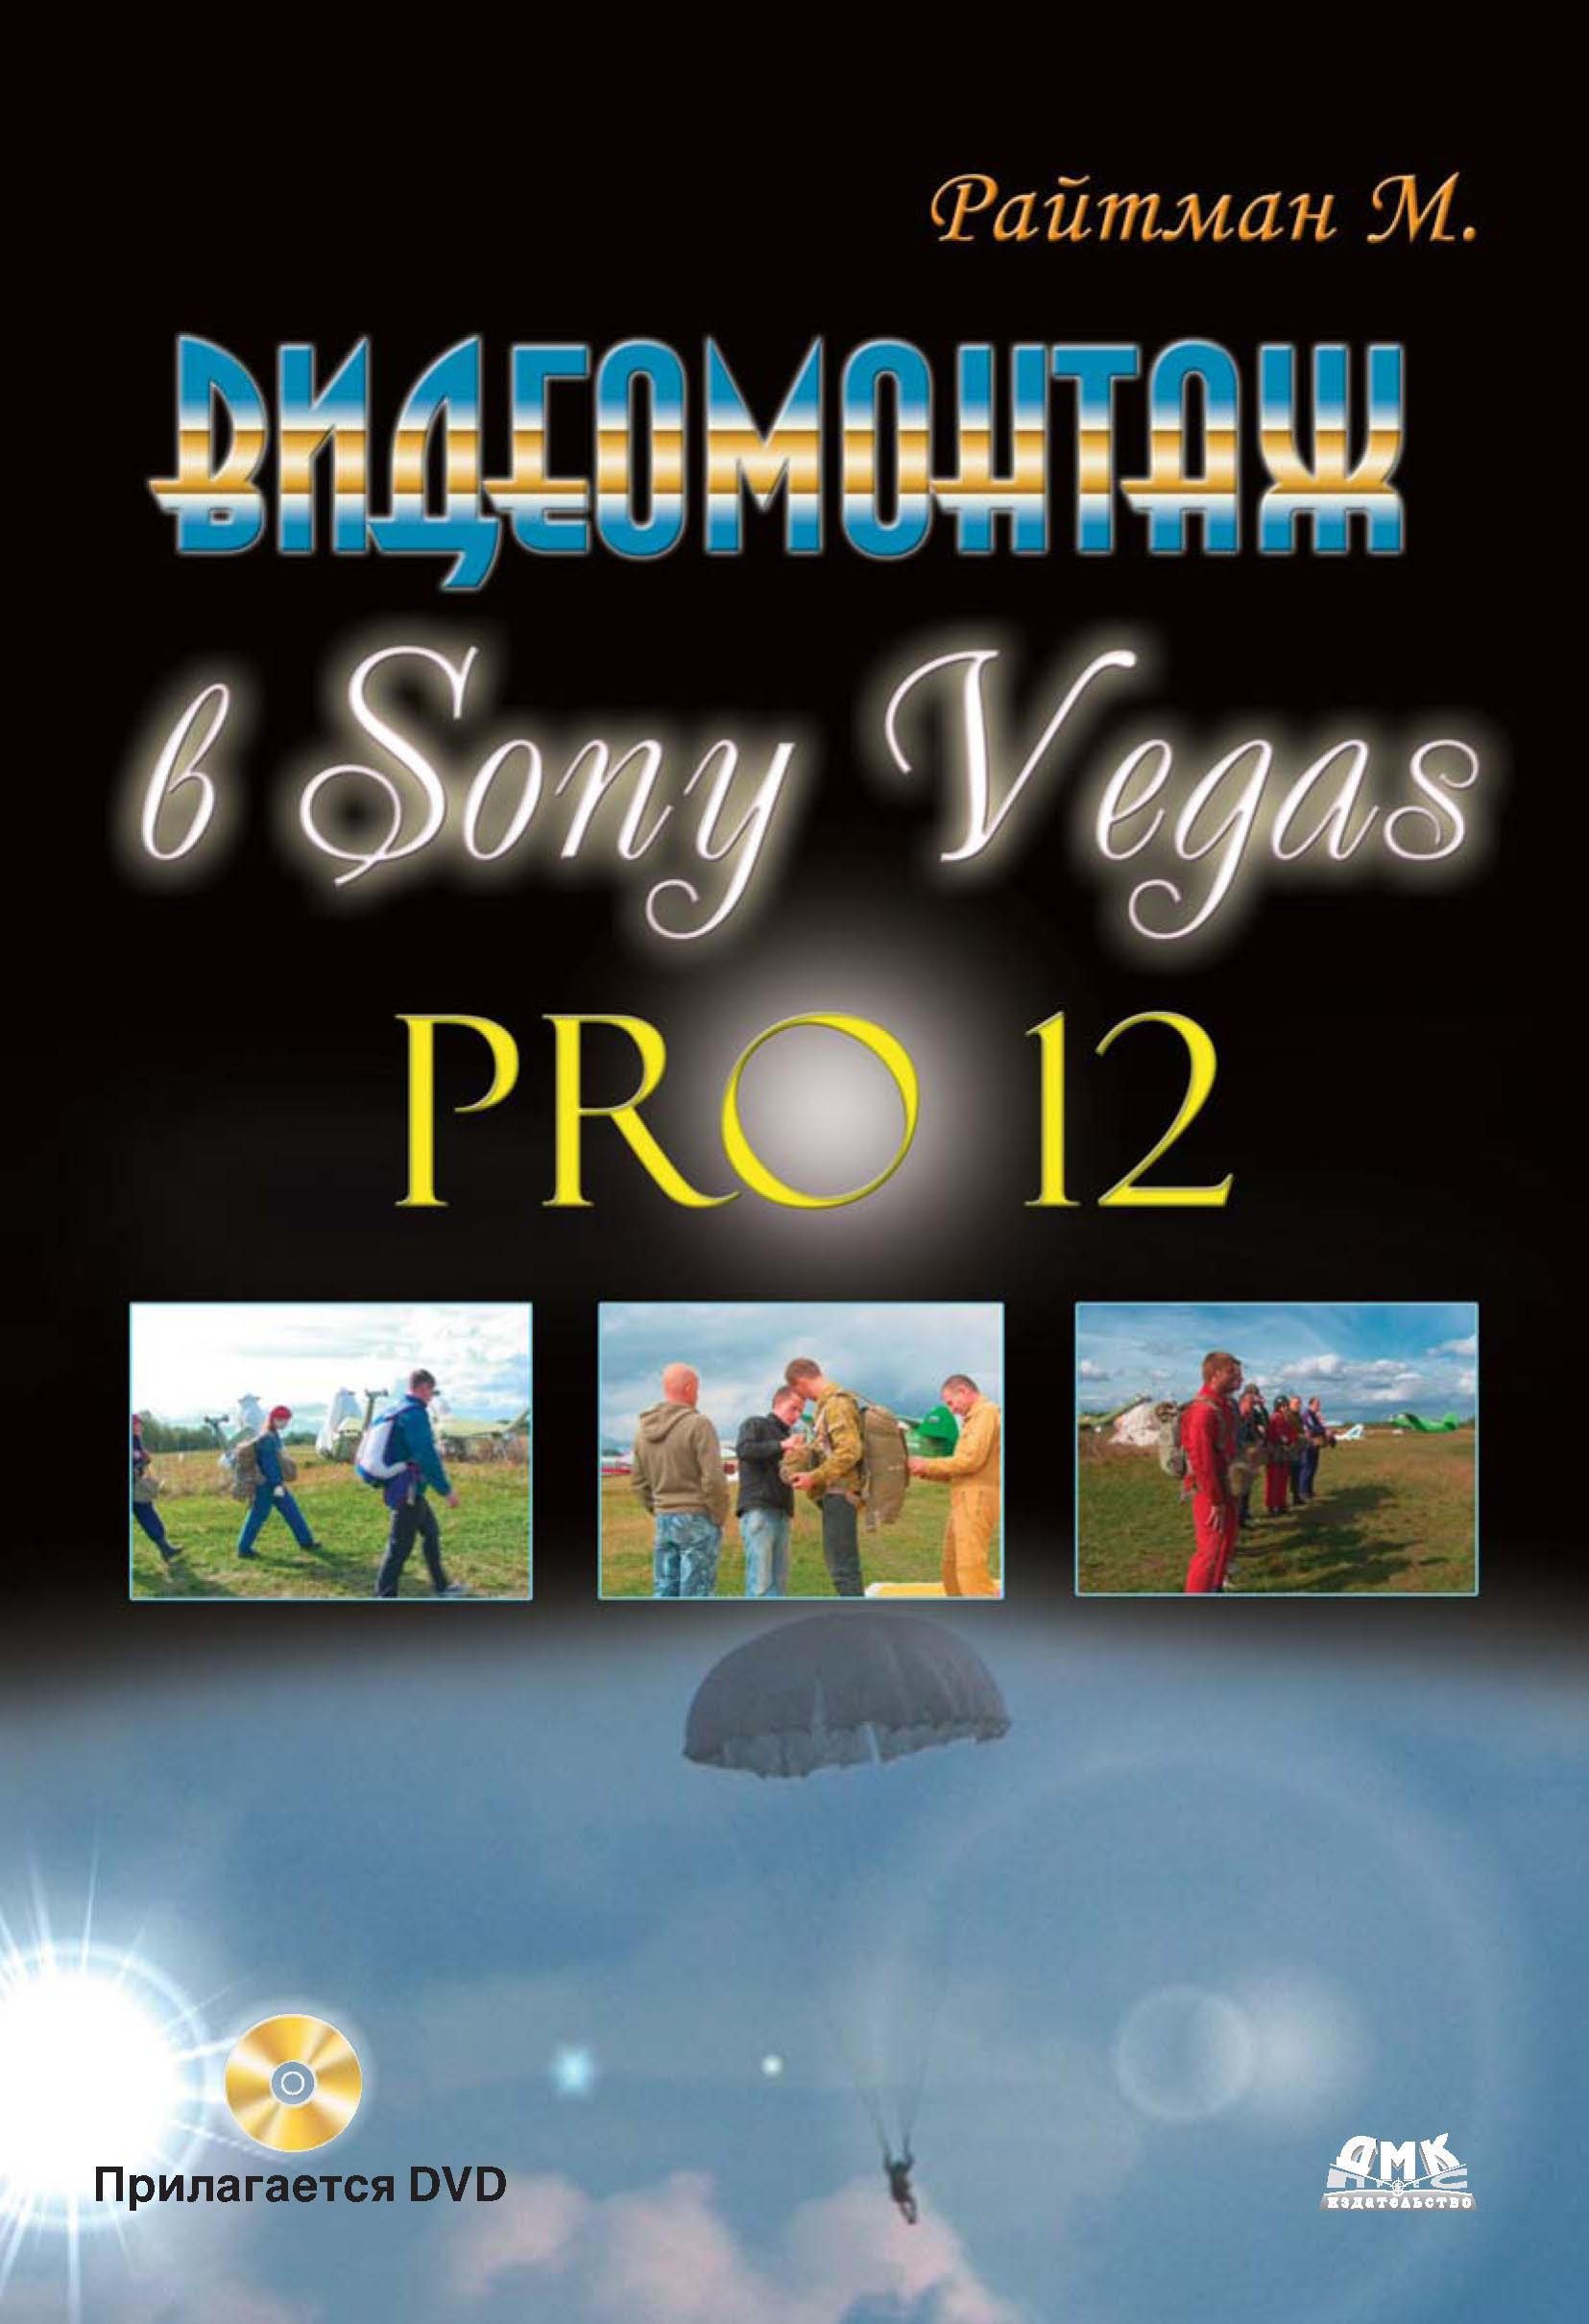 цена на Михаил Райтман Видеомонтаж в Sony Vegas Pro 12